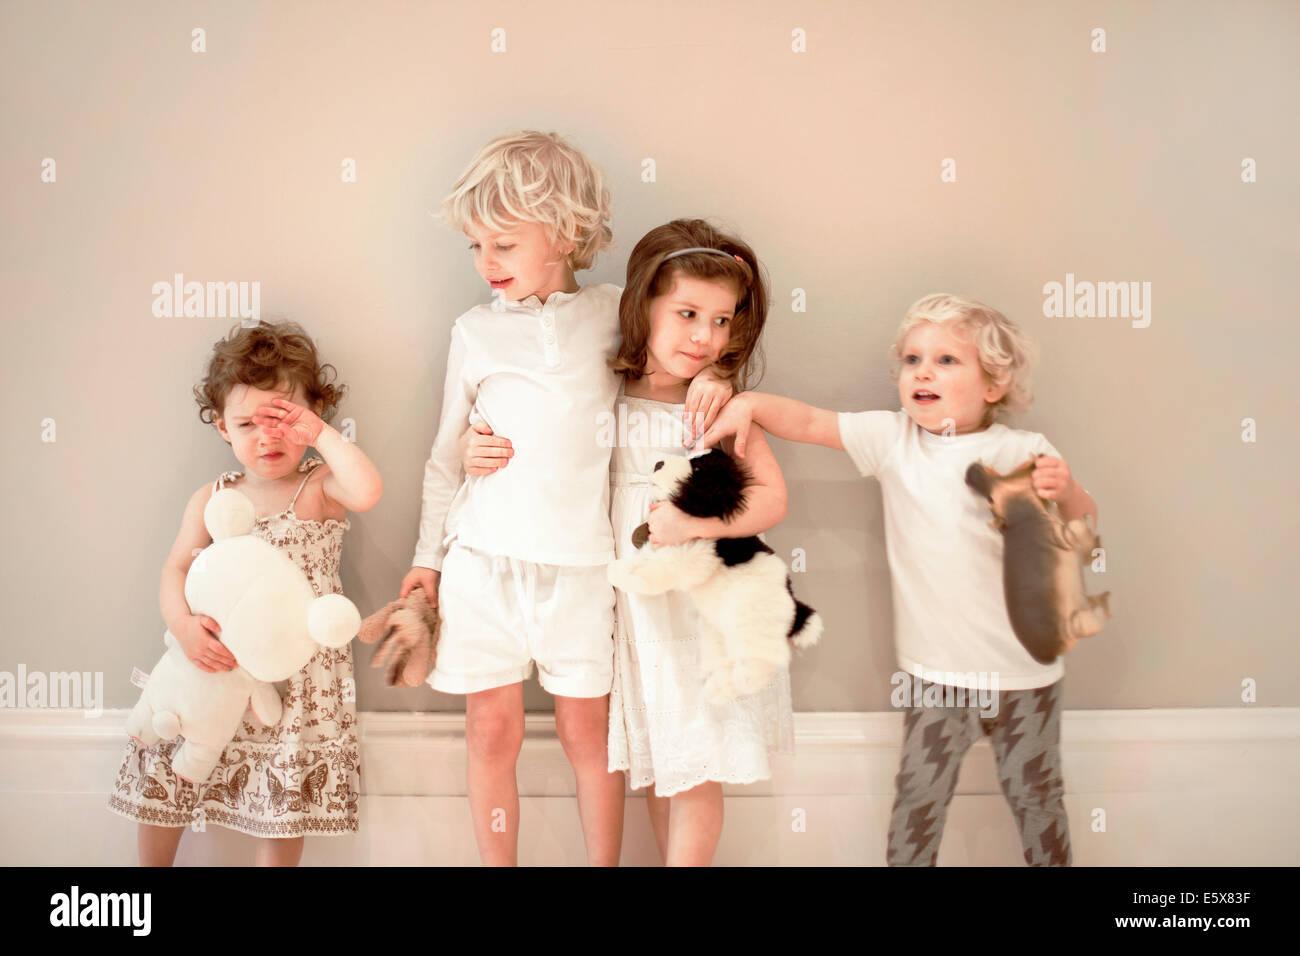 Portrait de quatre jeunes enfants dans une rangée, un pleurer Photo Stock